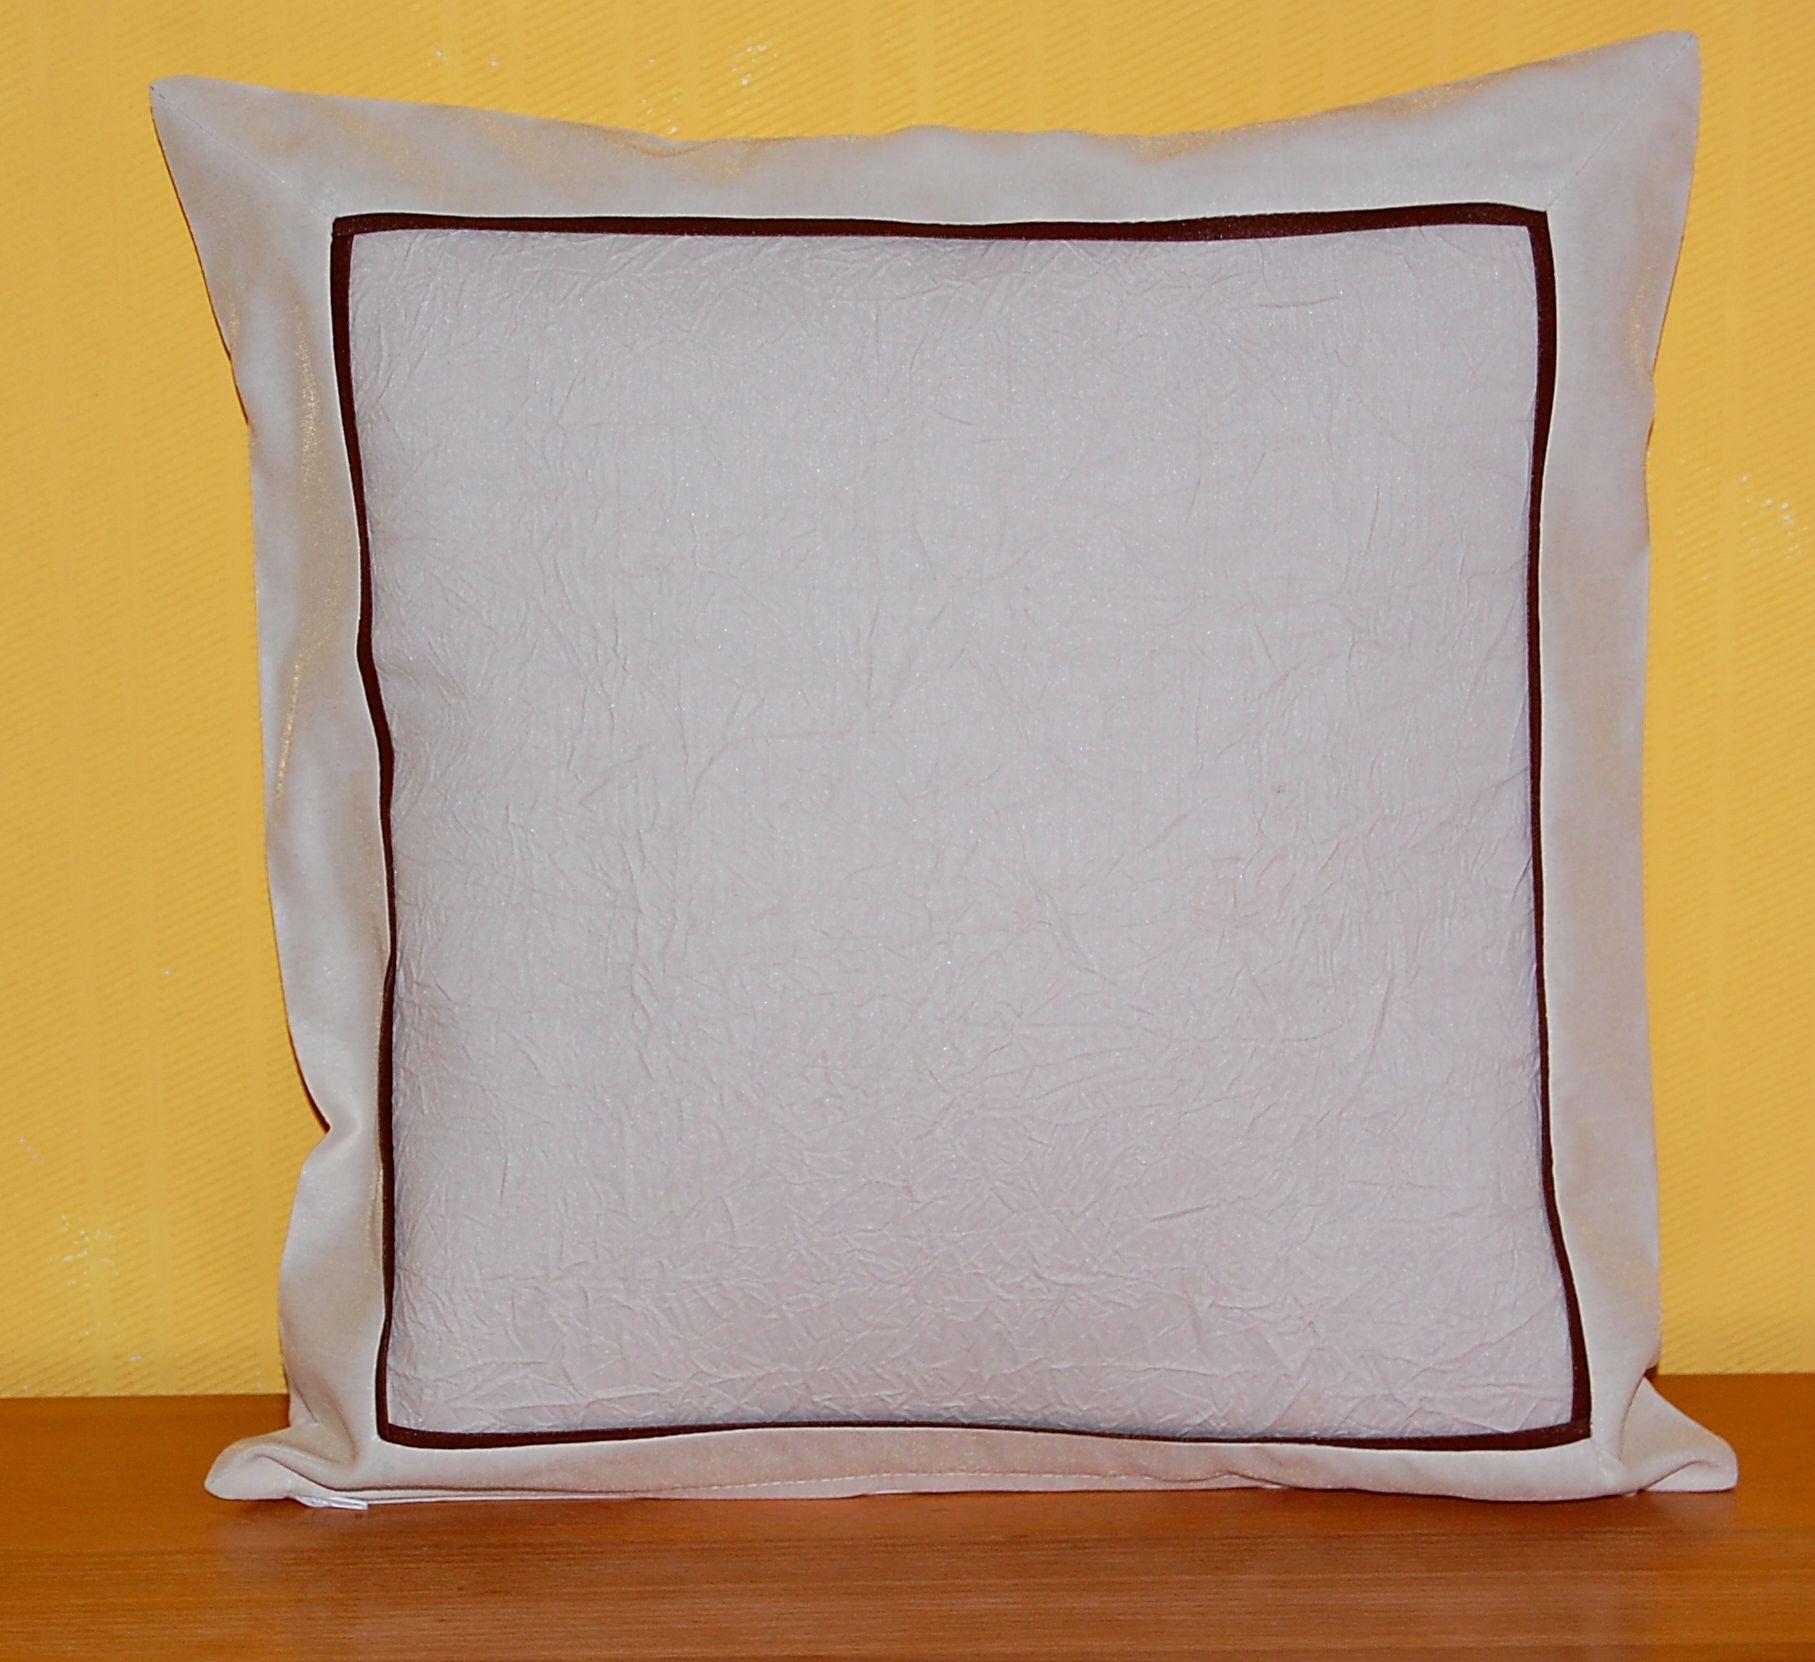 tischdecke neutral beige zierband braun tischl ufer kissenh lle platzdeckchen ebay. Black Bedroom Furniture Sets. Home Design Ideas